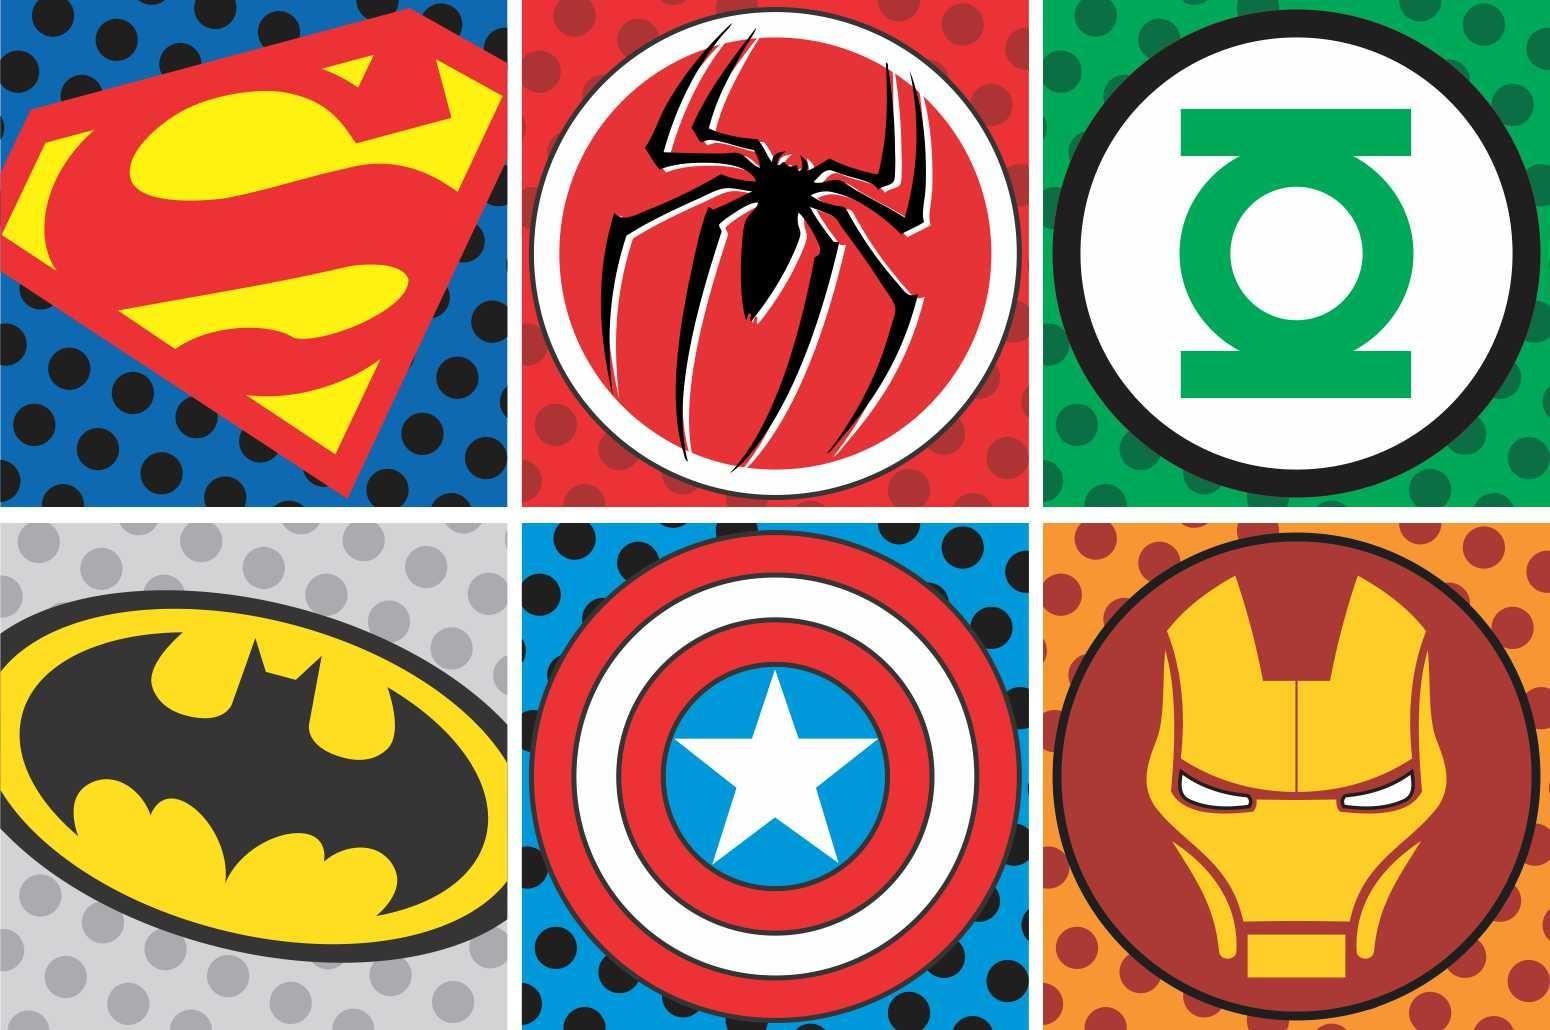 Adesivos Decorativos De Super Herois 5 Bolos E Maquetes  ~ Tecidos Para Parede De Quarto E Quarto Bebe Super Herois